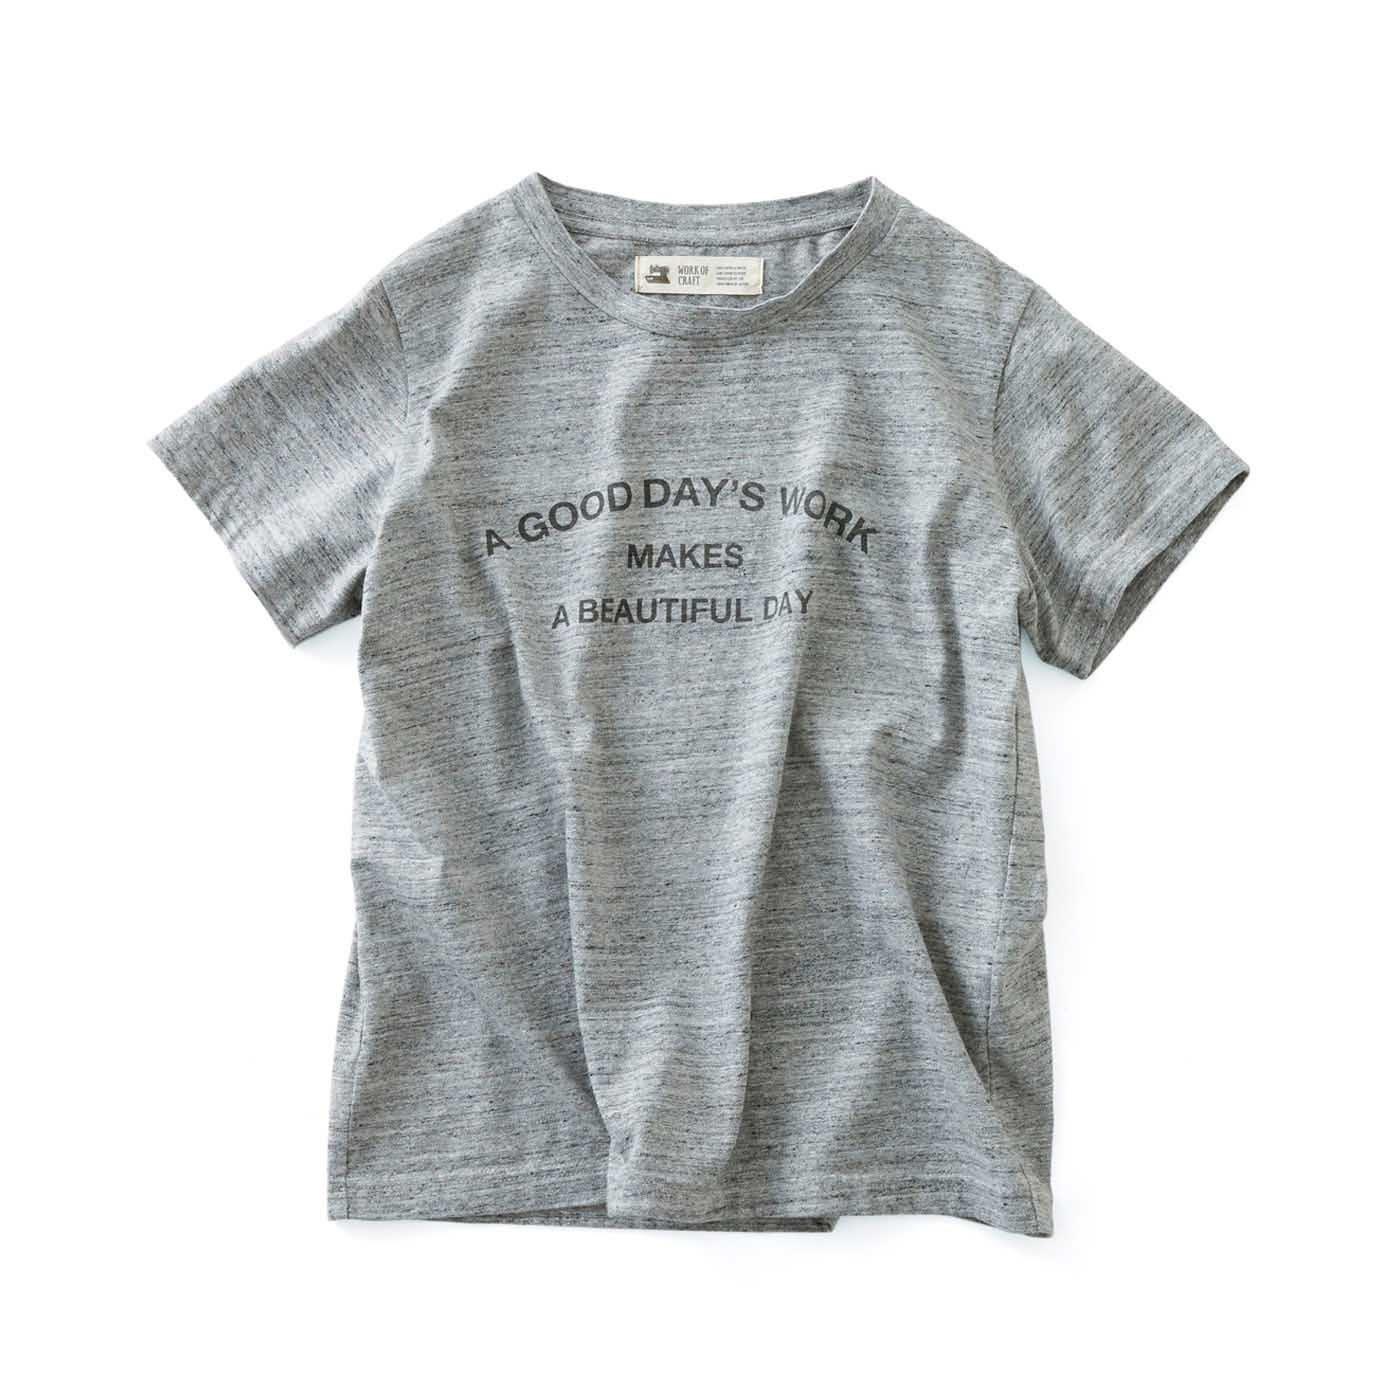 サニークラウズ 働き者のTシャツ〈レディース〉